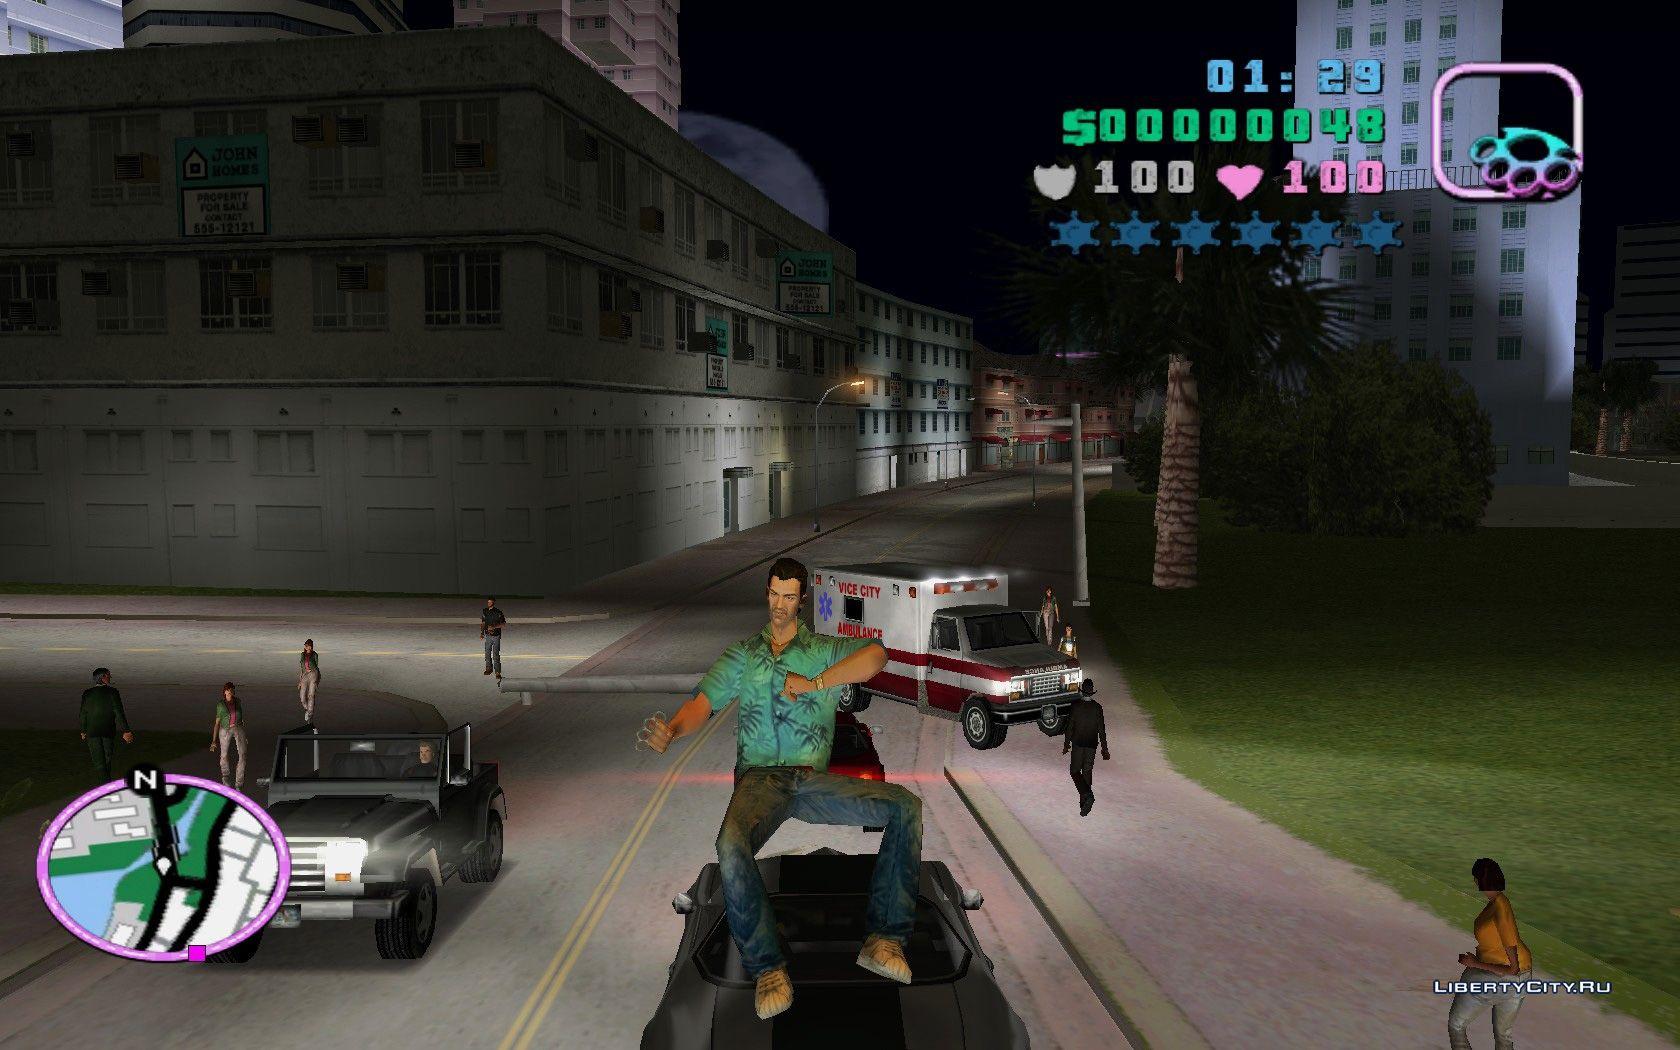 Все коды на гта полиция майами для спорт каров онлайн в хорошем hd 1080 качестве фотоография